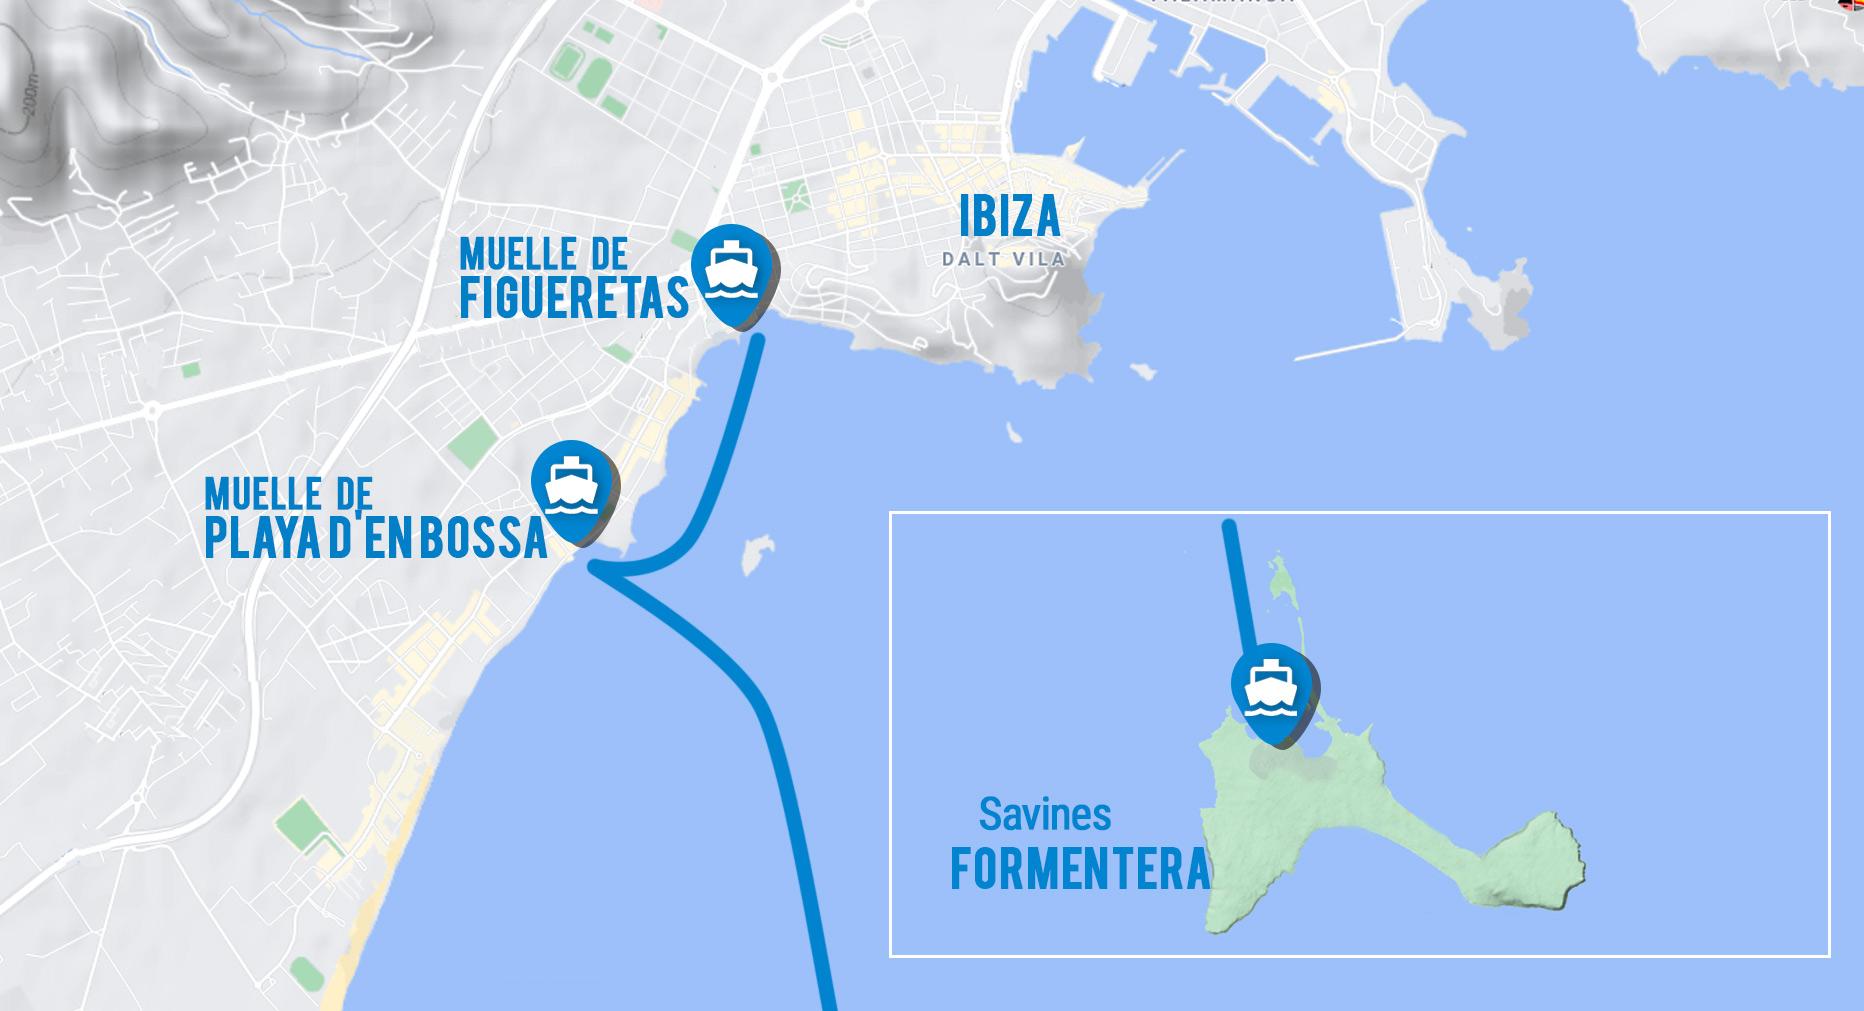 Salidas ferry formentera lowcost